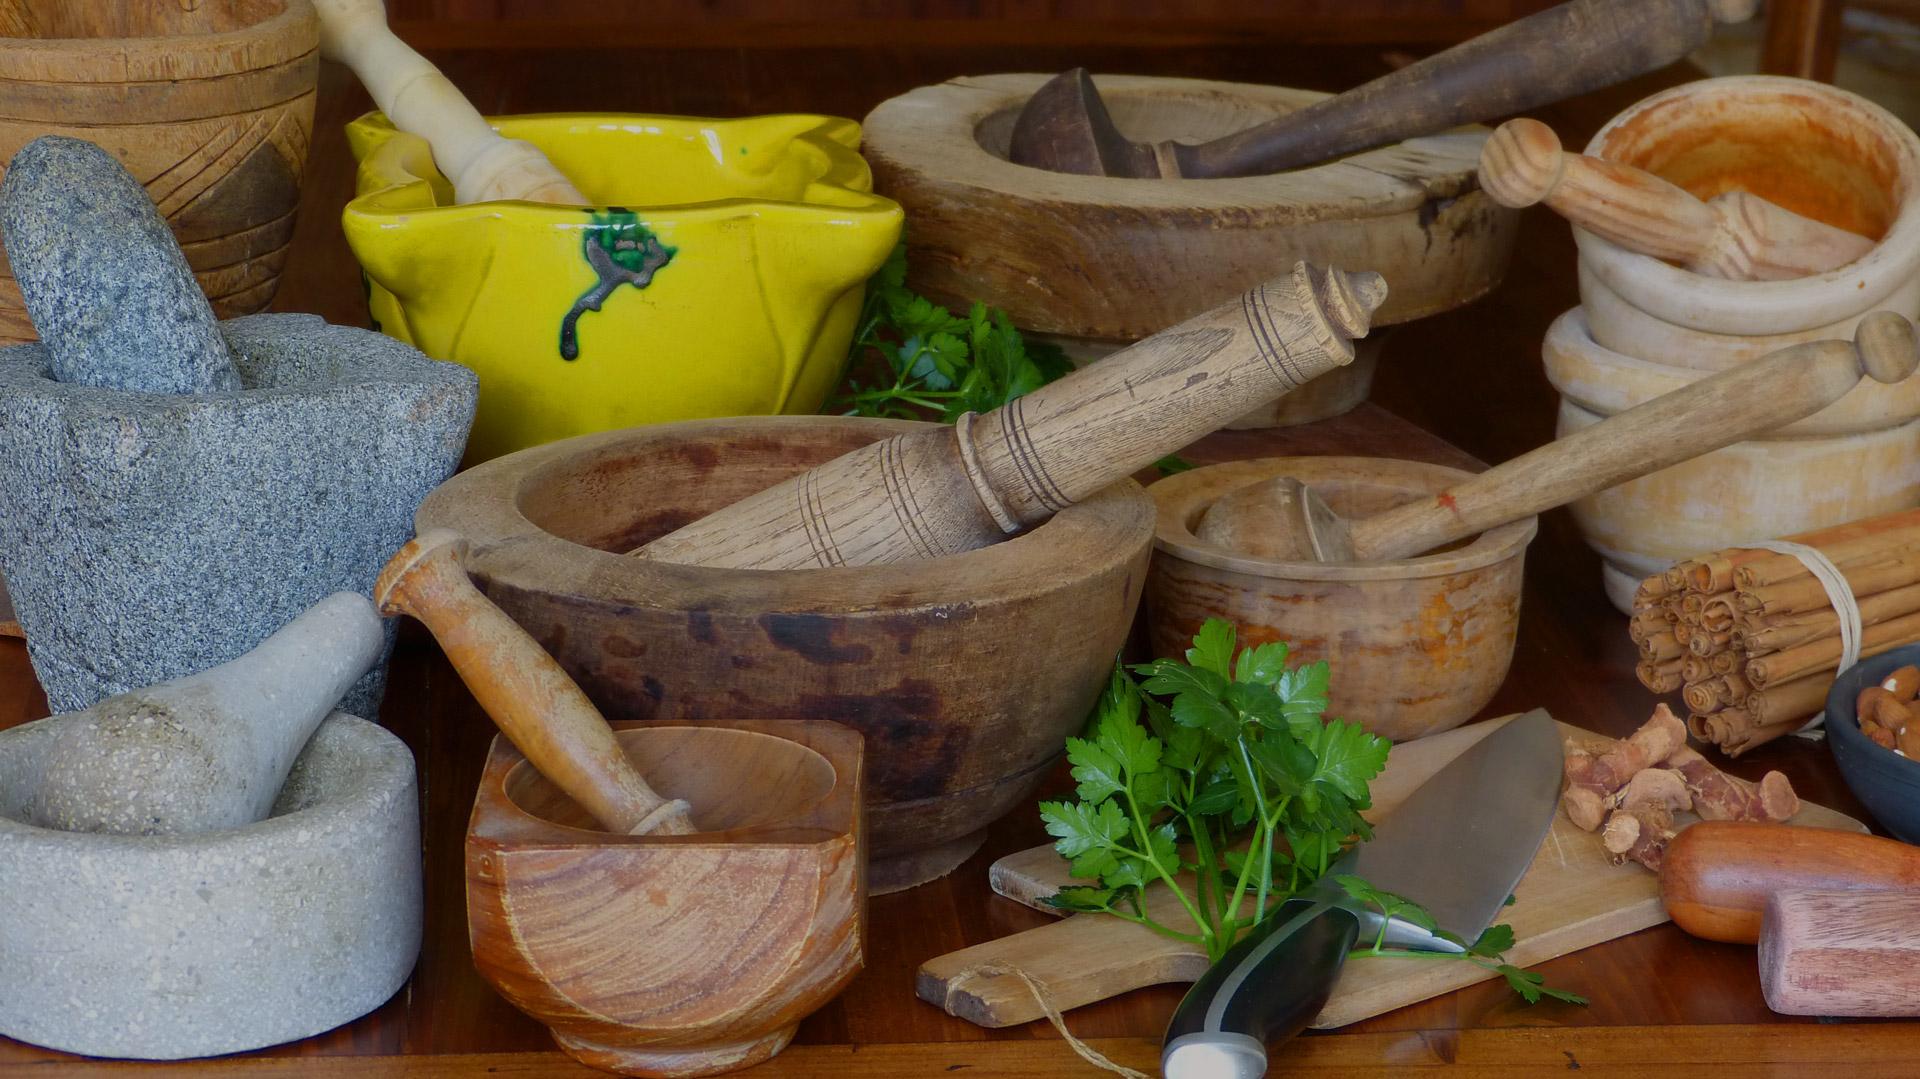 Mortier-cuisine-bois-céramique-pierre-les-causeries-culinaires-recettes-ancetres-boutique-cours-cuisine-histoire